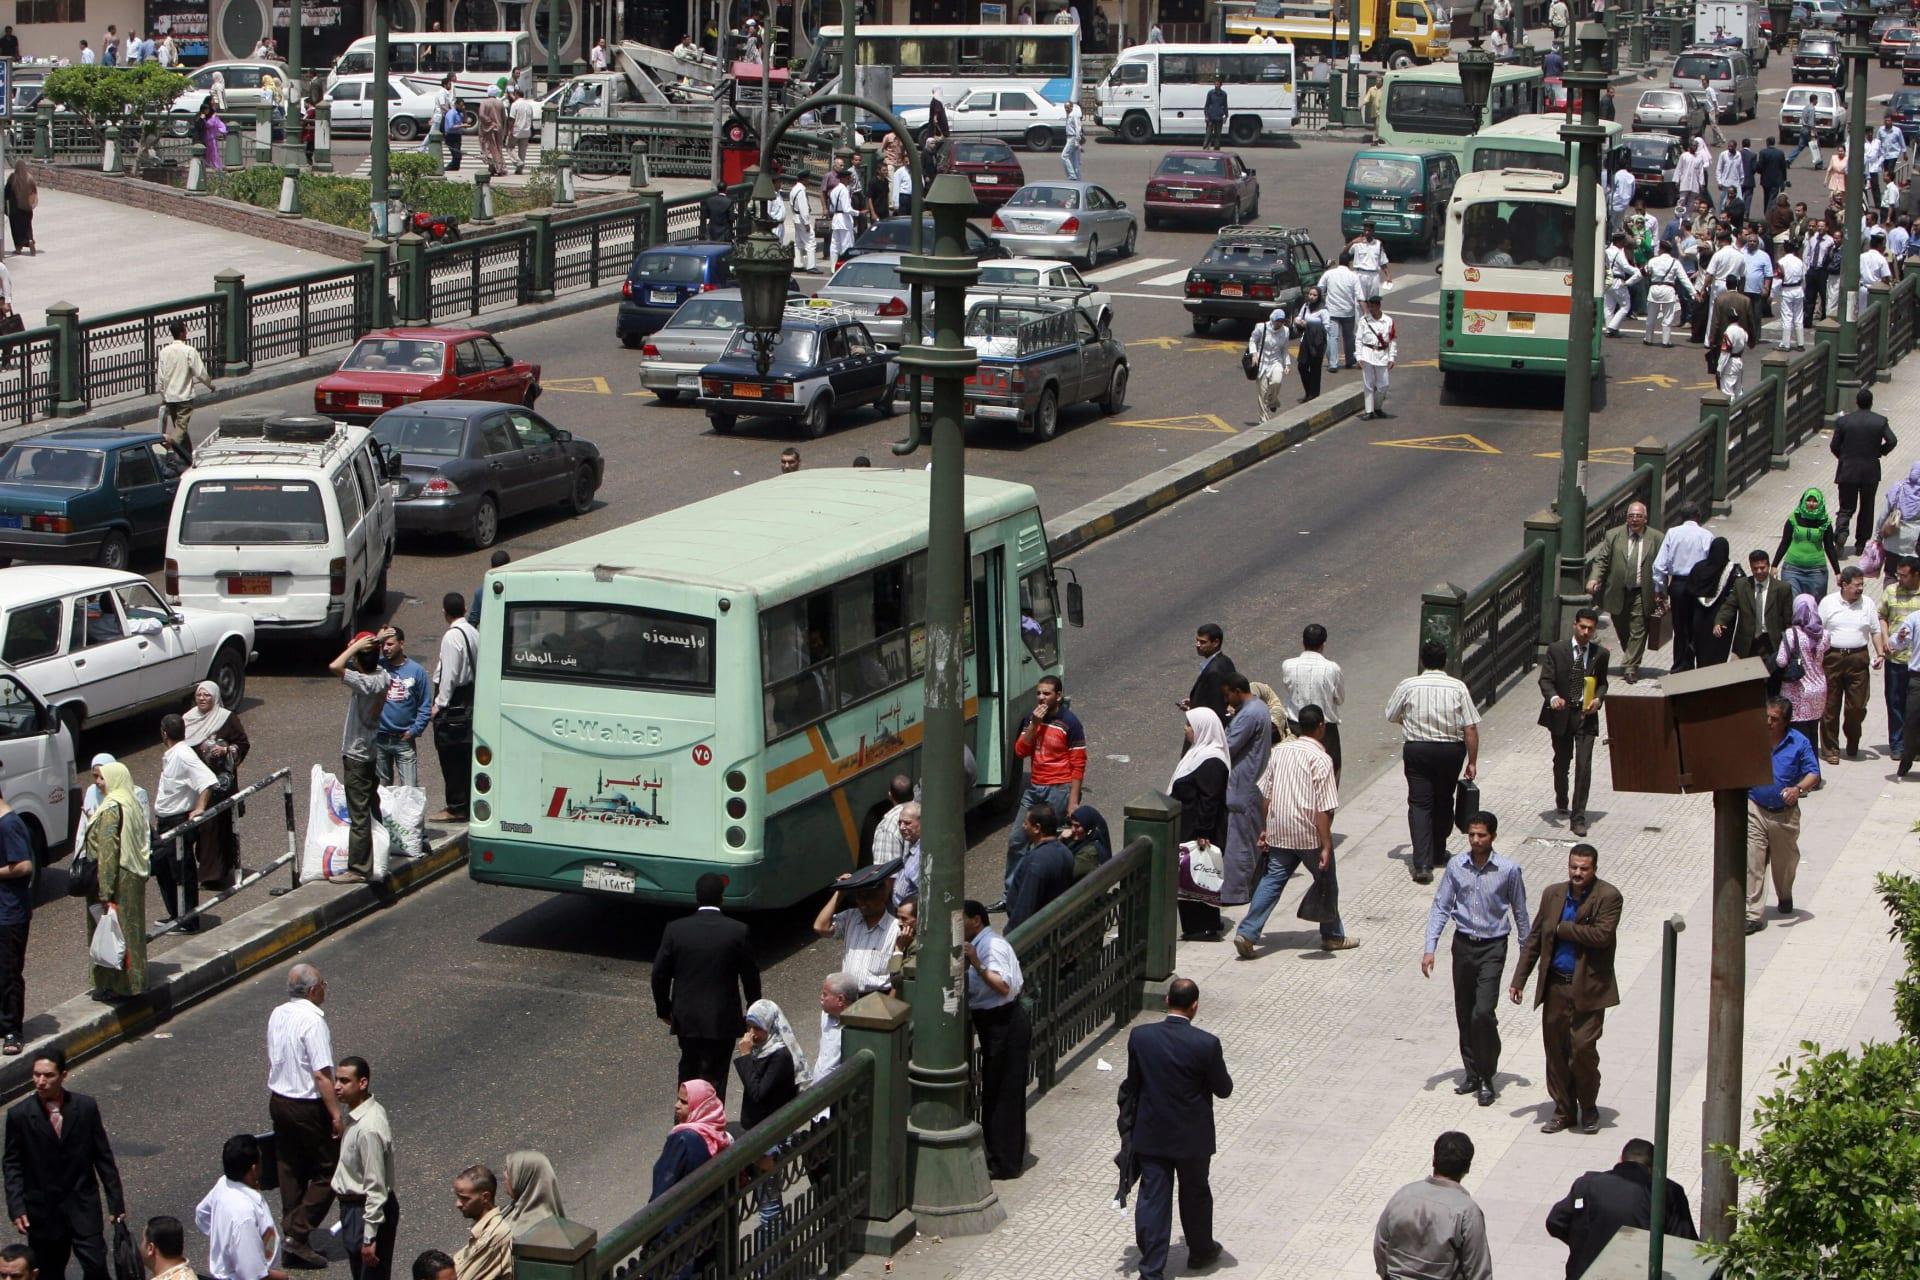 زحام مروري في أحد شوارع وسط العاصمة المصرية القاهرة